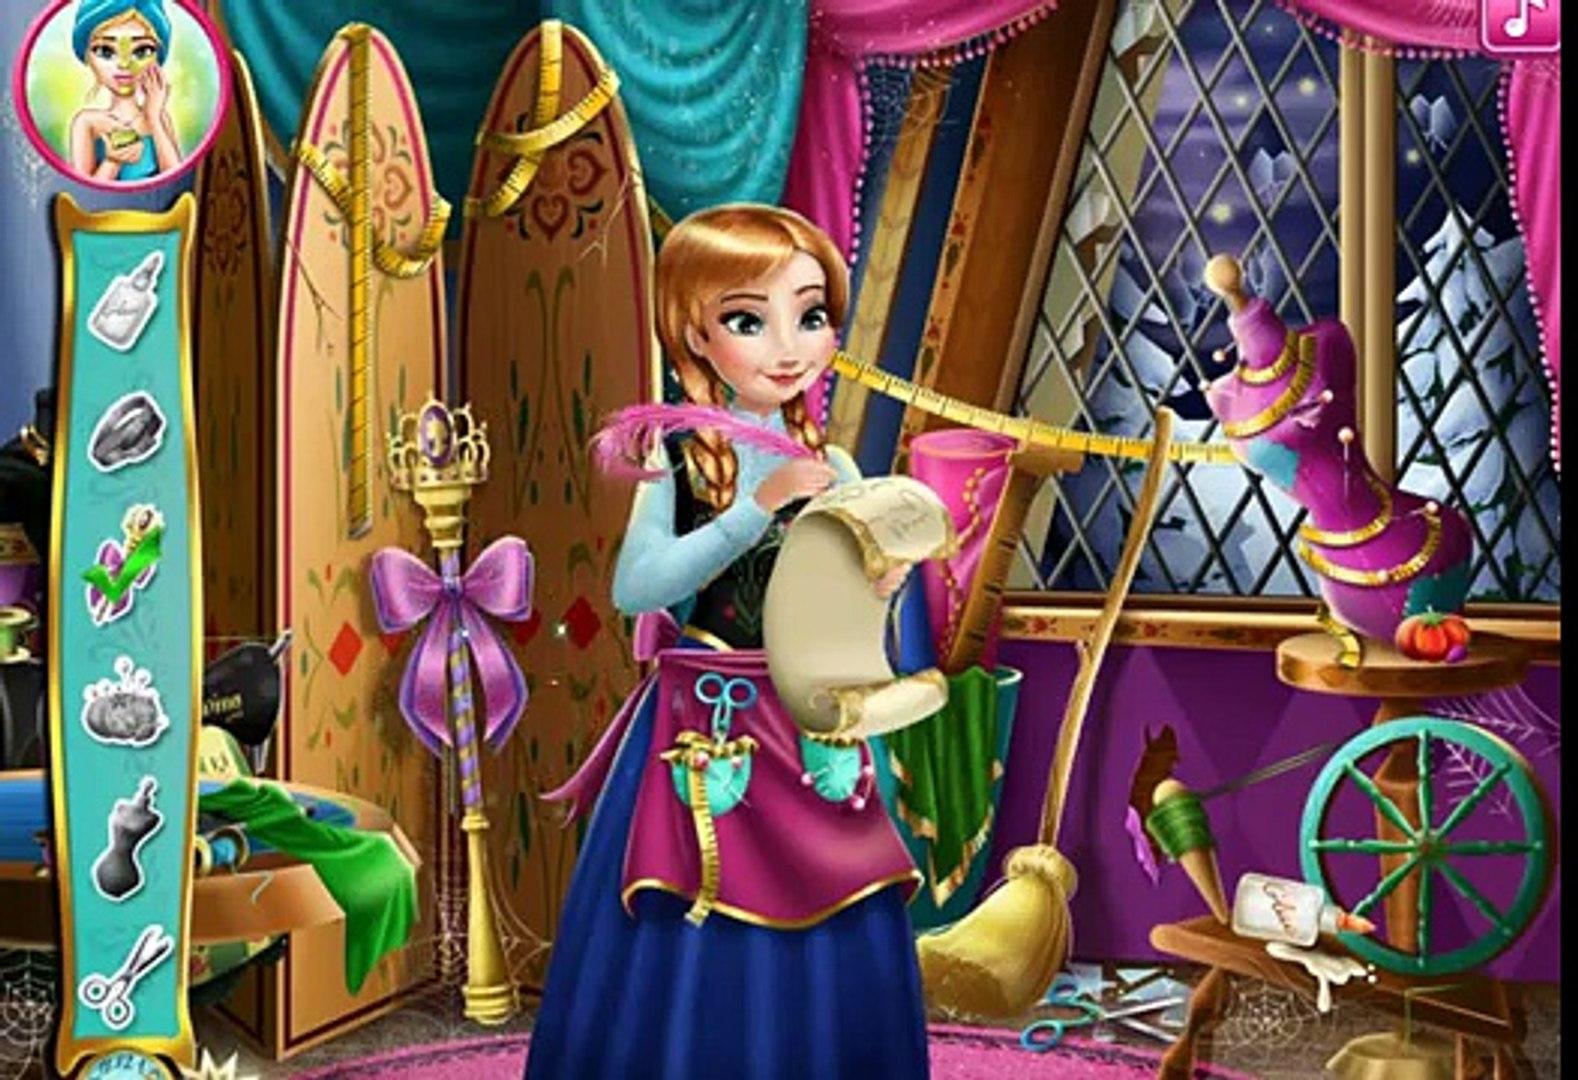 Эльза Frozen Игры—Анна Дизайнер платья Эльзы—Онлайн Видео Игры Для Детей Мультфильм new